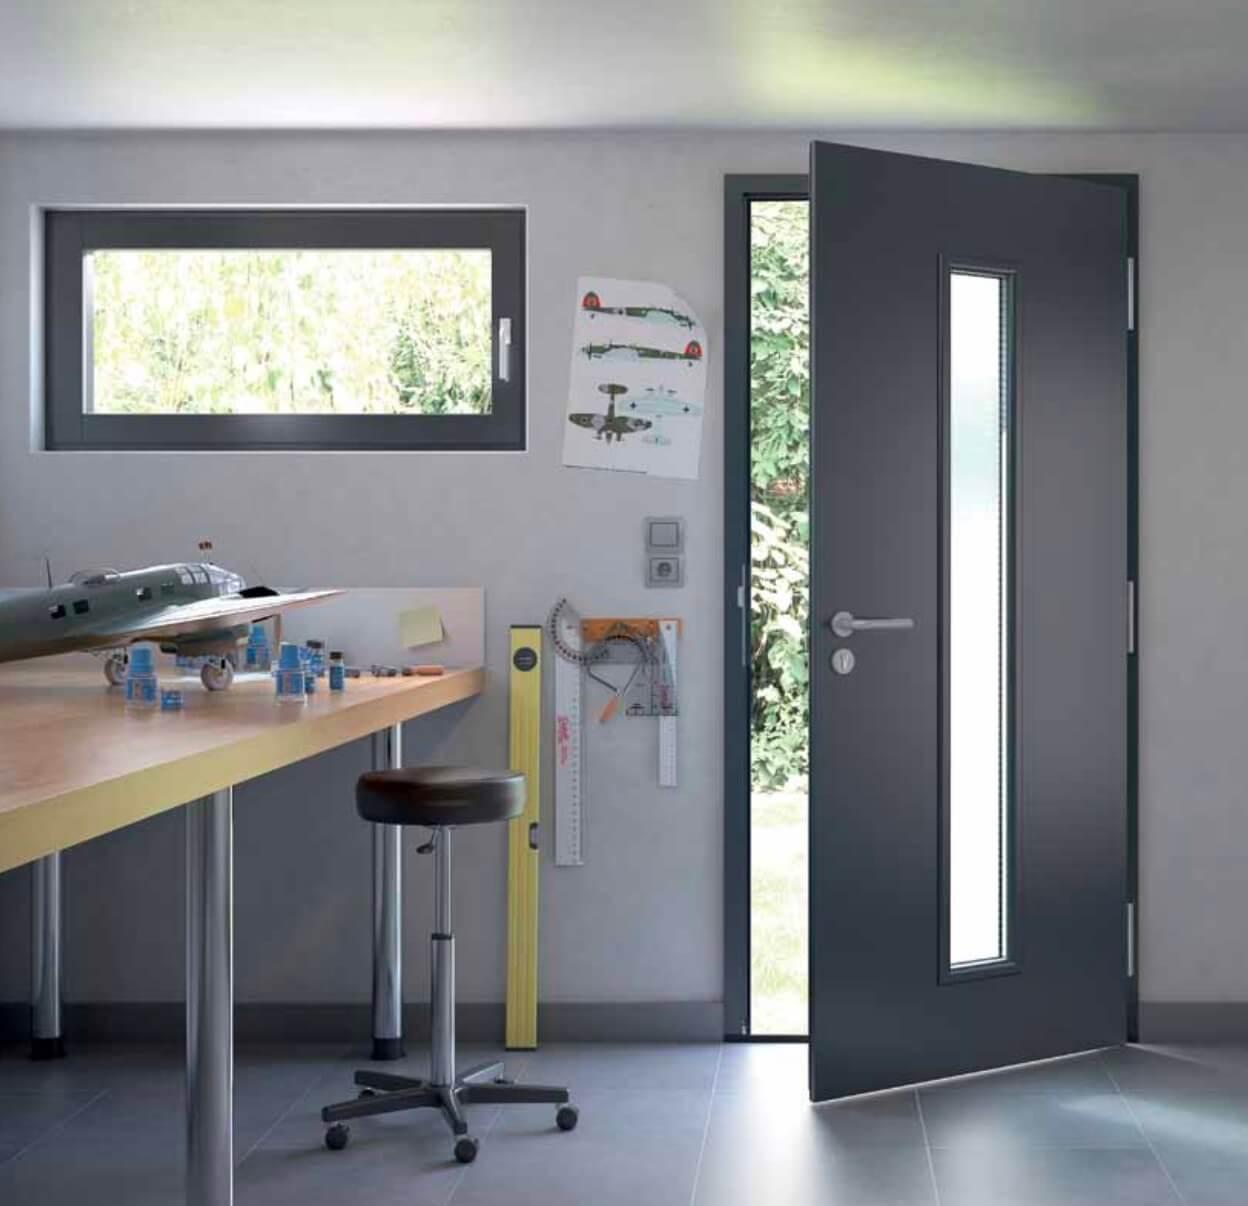 hormann-binnendeur-huisdeur-groningen